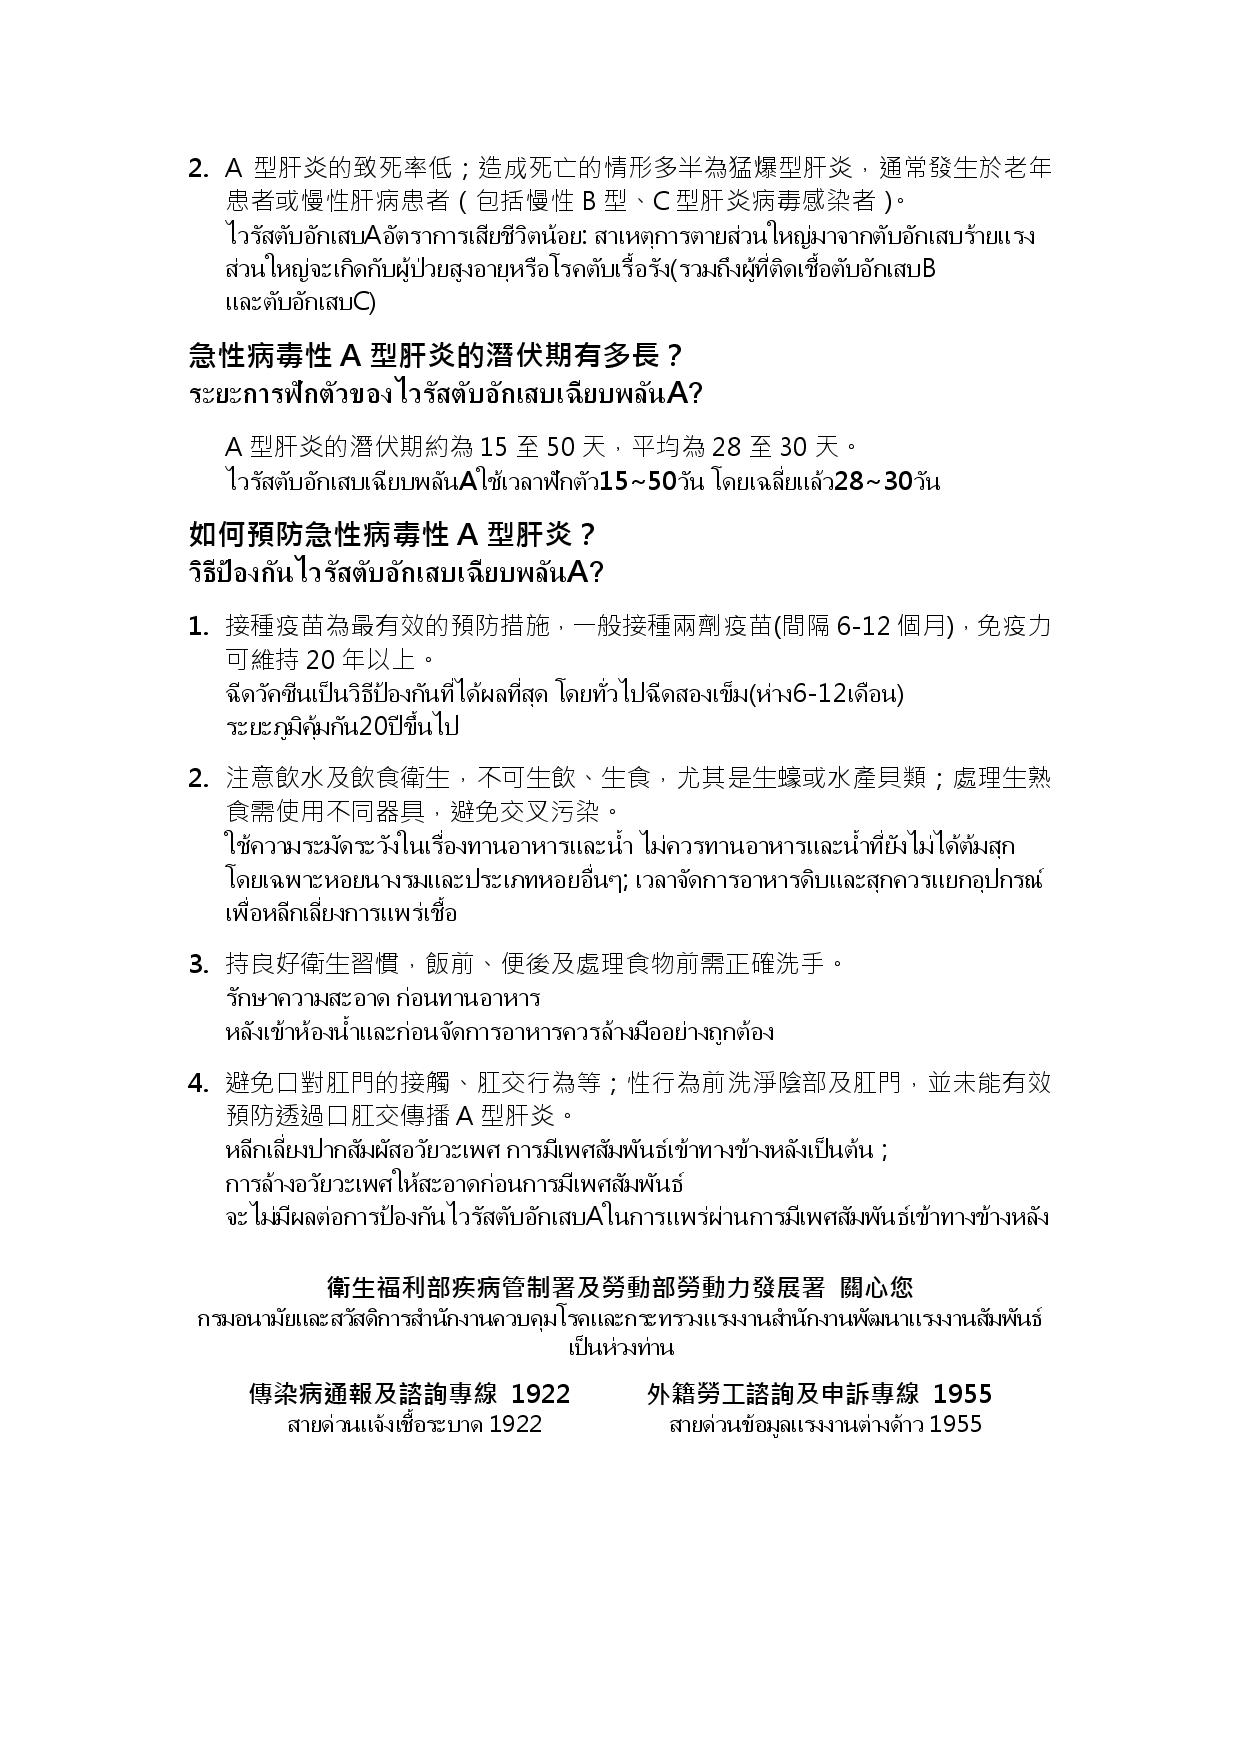 詳如附件【คลิก】วิธีป้องกันไวรัสตับอักเสบเฉียบพลันAที่ดีที่สุด(หน้า 2)預防急性病毒性A型肝炎,接種疫苗最有效(泰文)